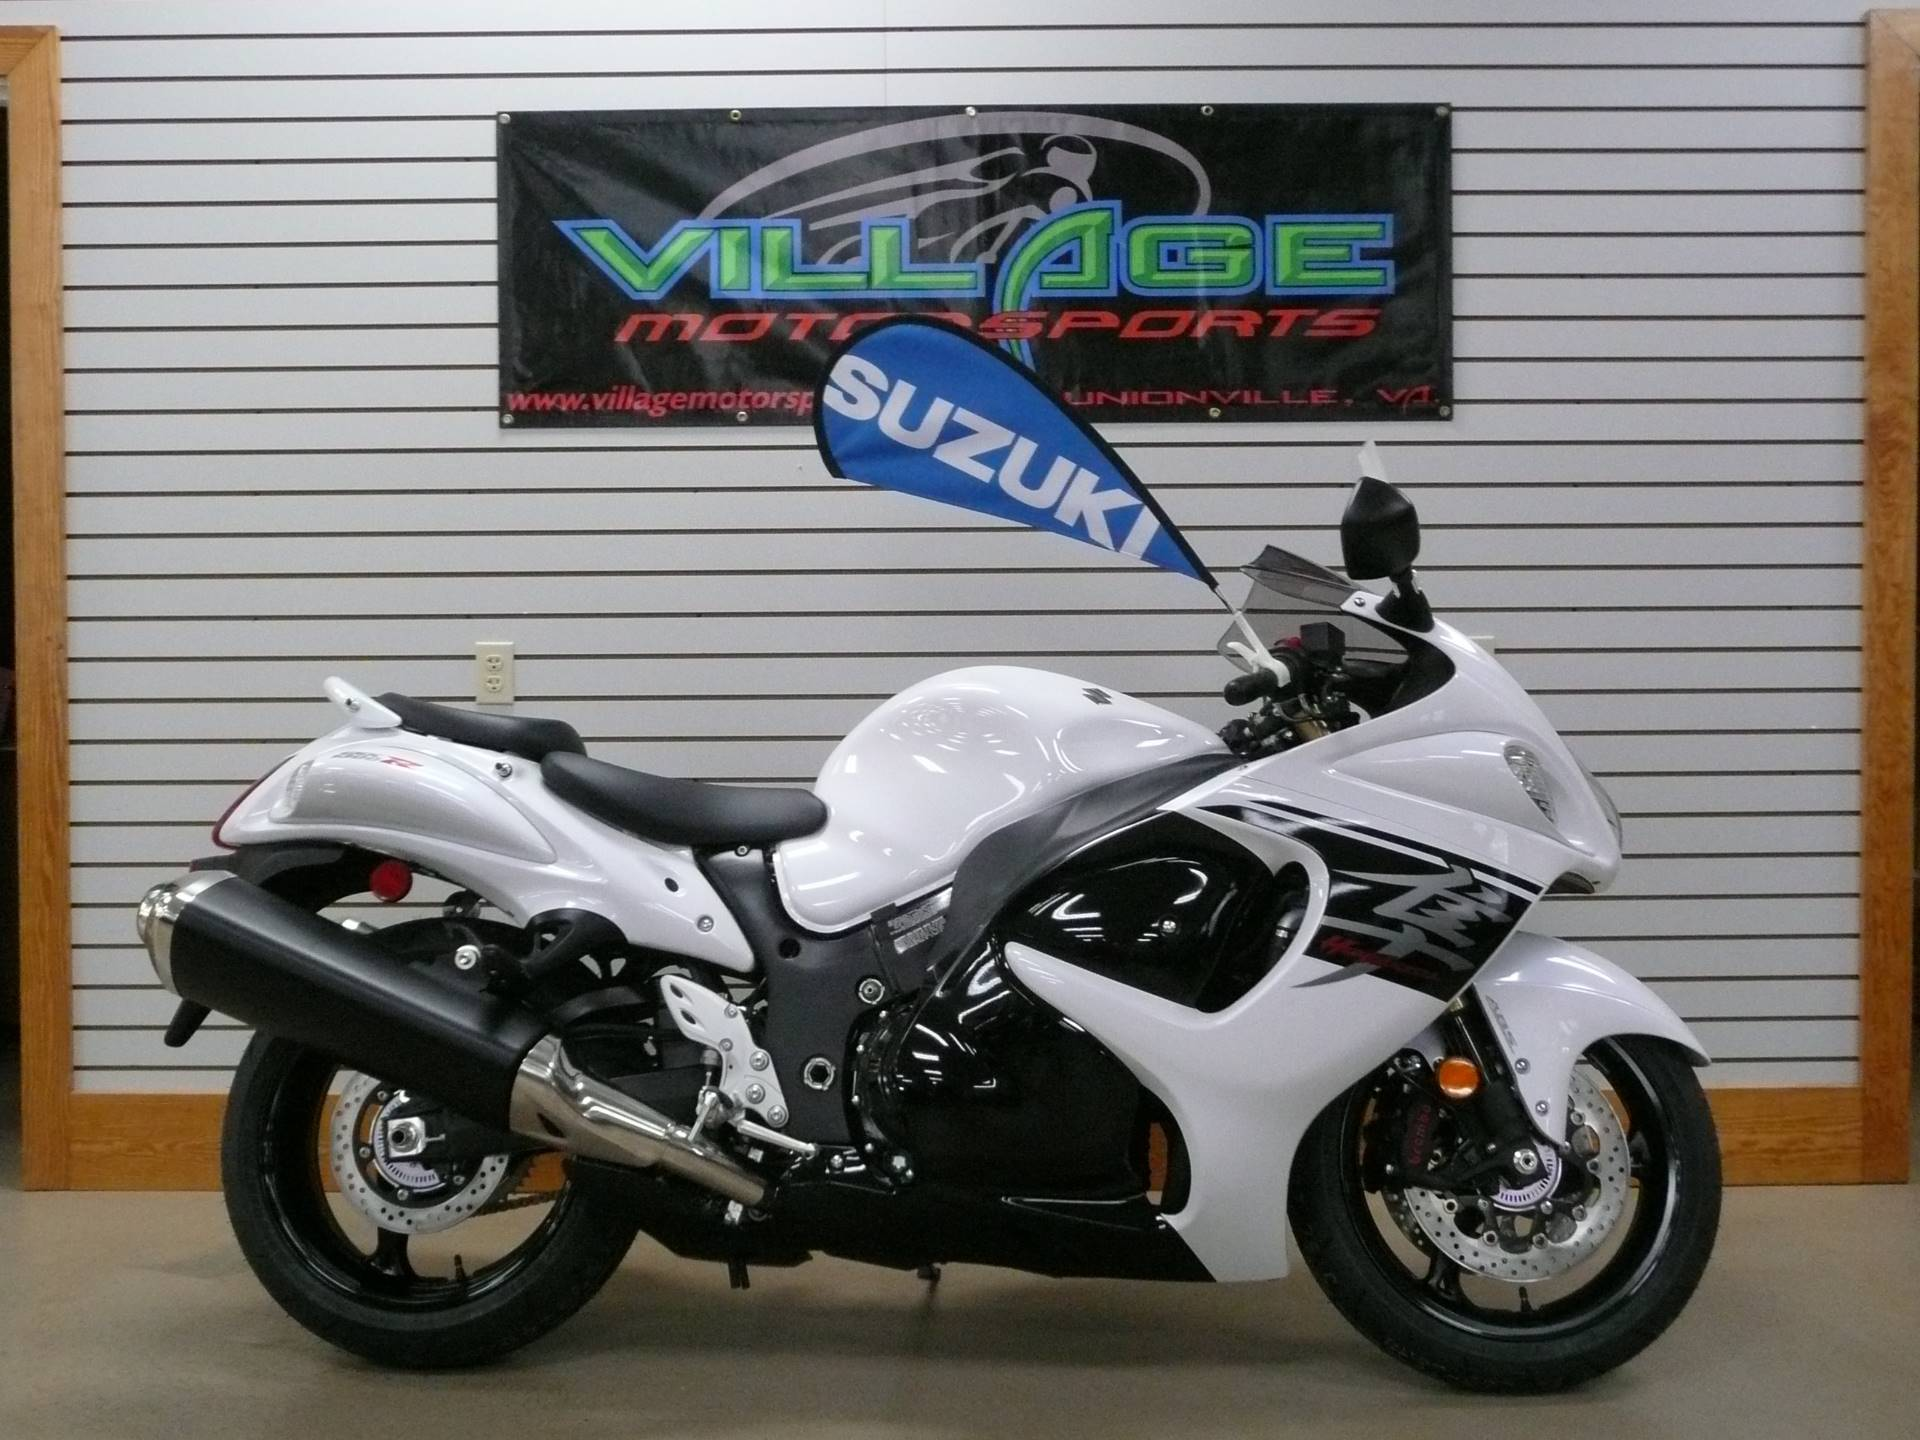 2017 Suzuki Hayabusa Motorcycles Unionville Virginia